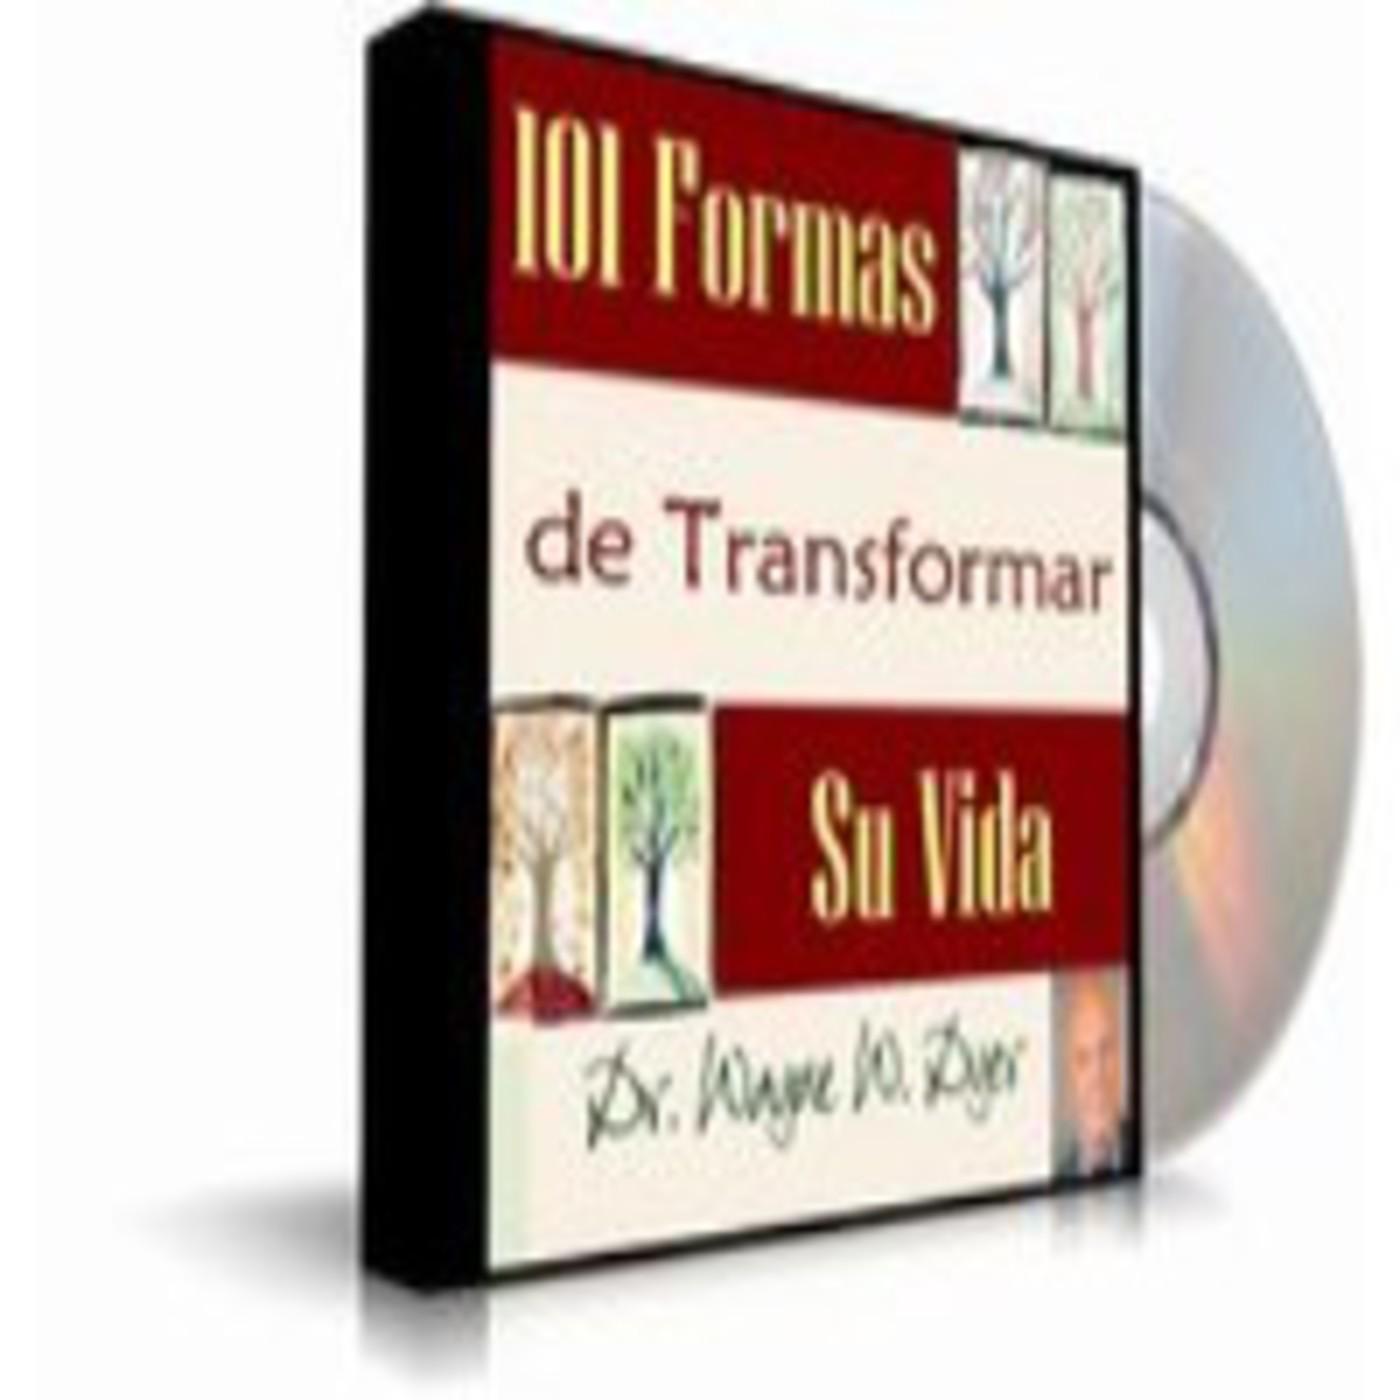 Audio Libro 101 Formas De Transformar Su Vida Dr Wayne W